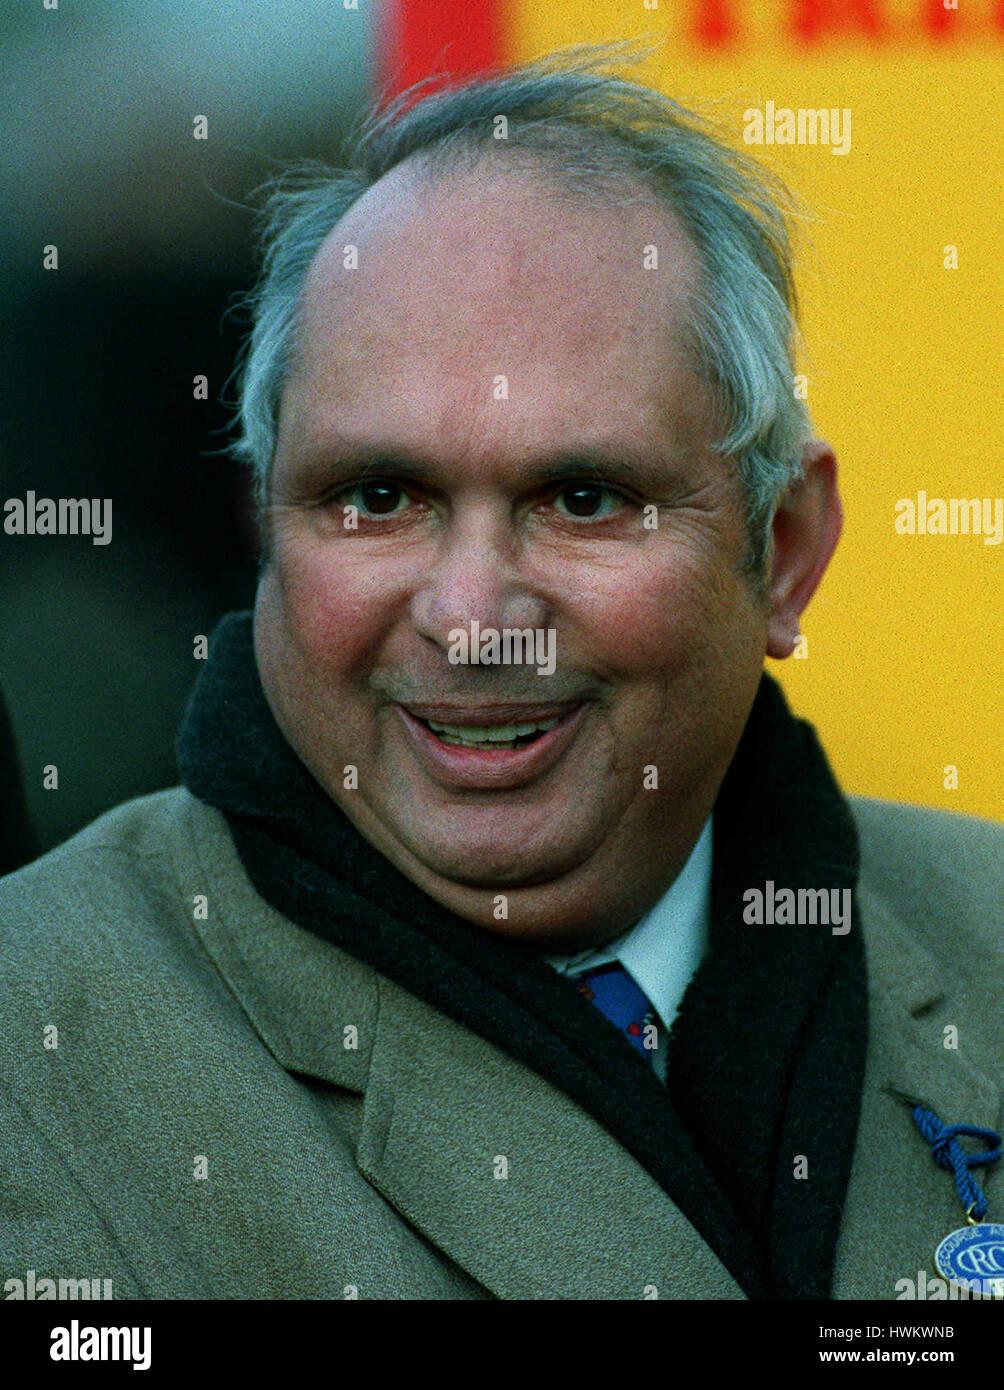 GEORGE WARD Rennen SPONSOR 15. Dezember 1993 Stockbild